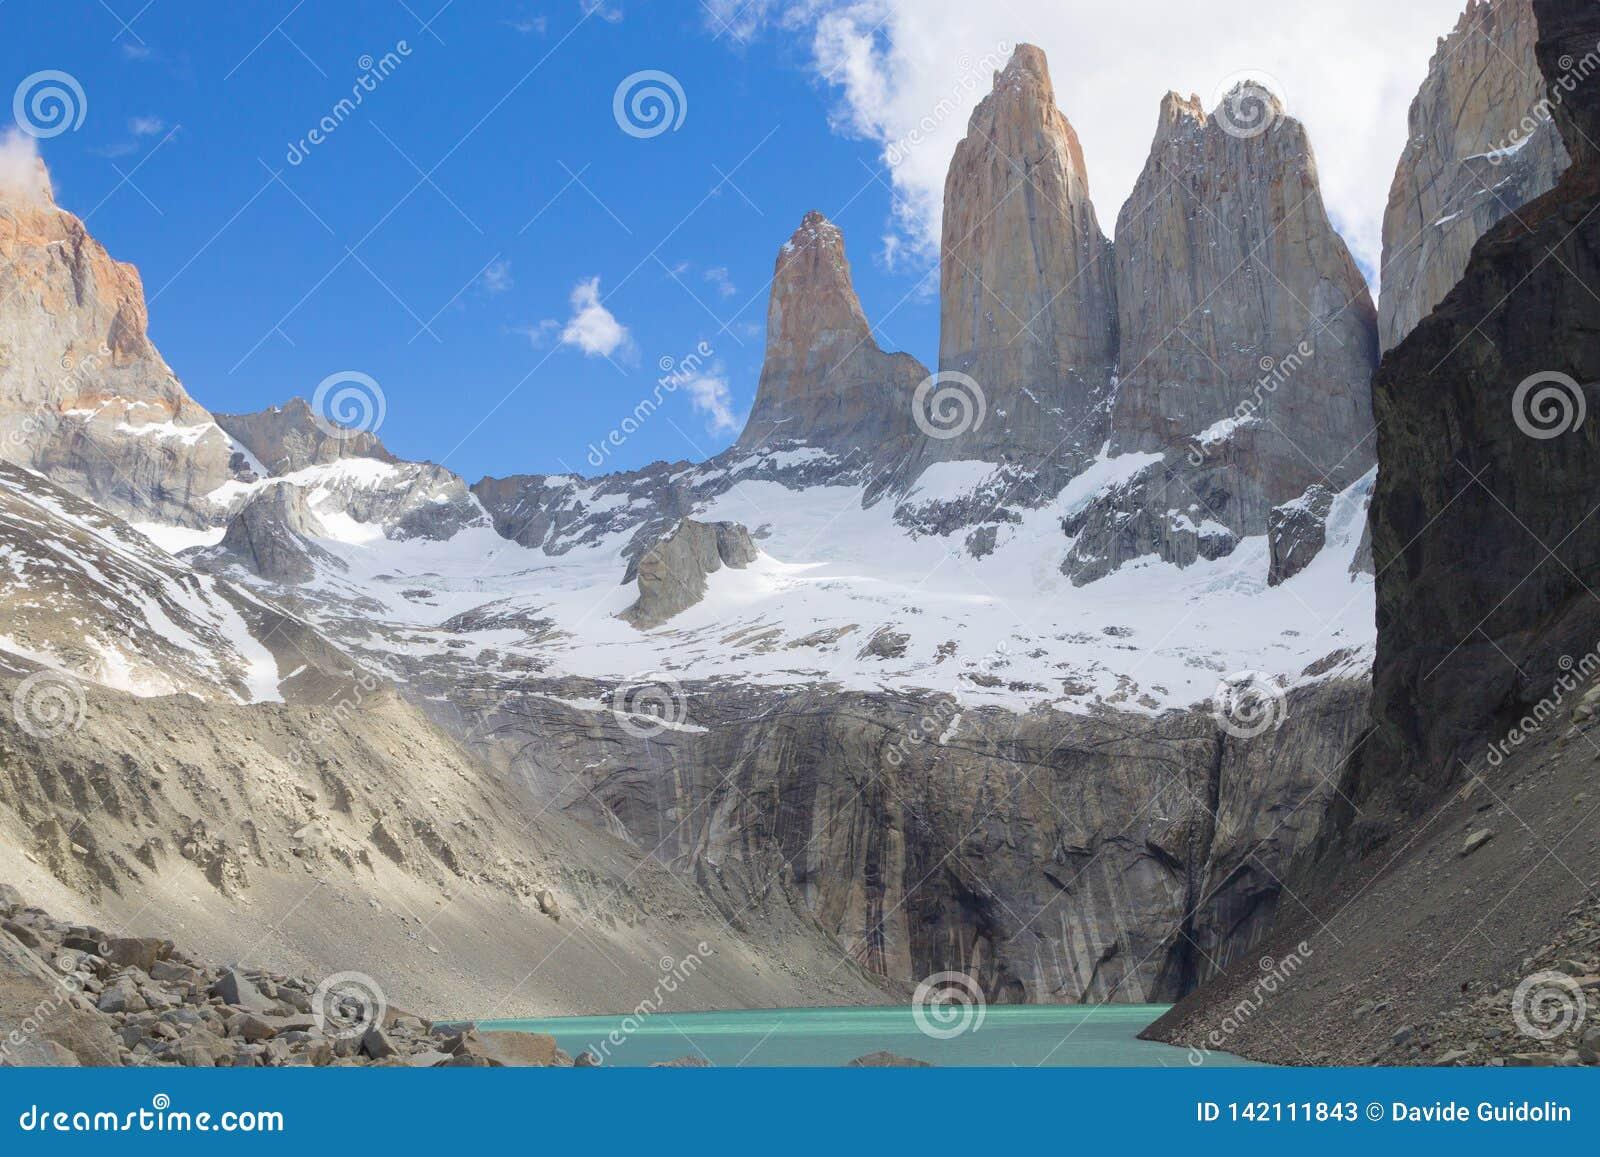 Point de vue bas de Las Torres, Torres del Paine, Chili